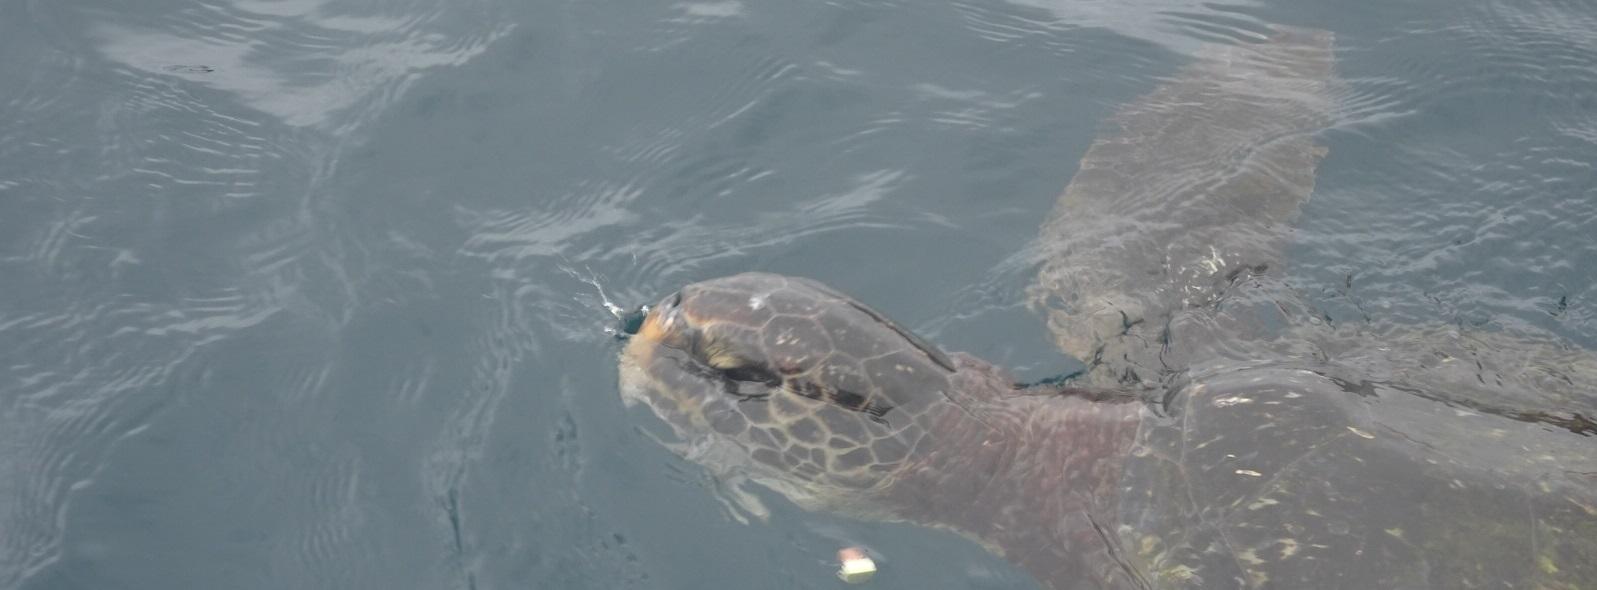 Sea Turtle Isla de la Plata